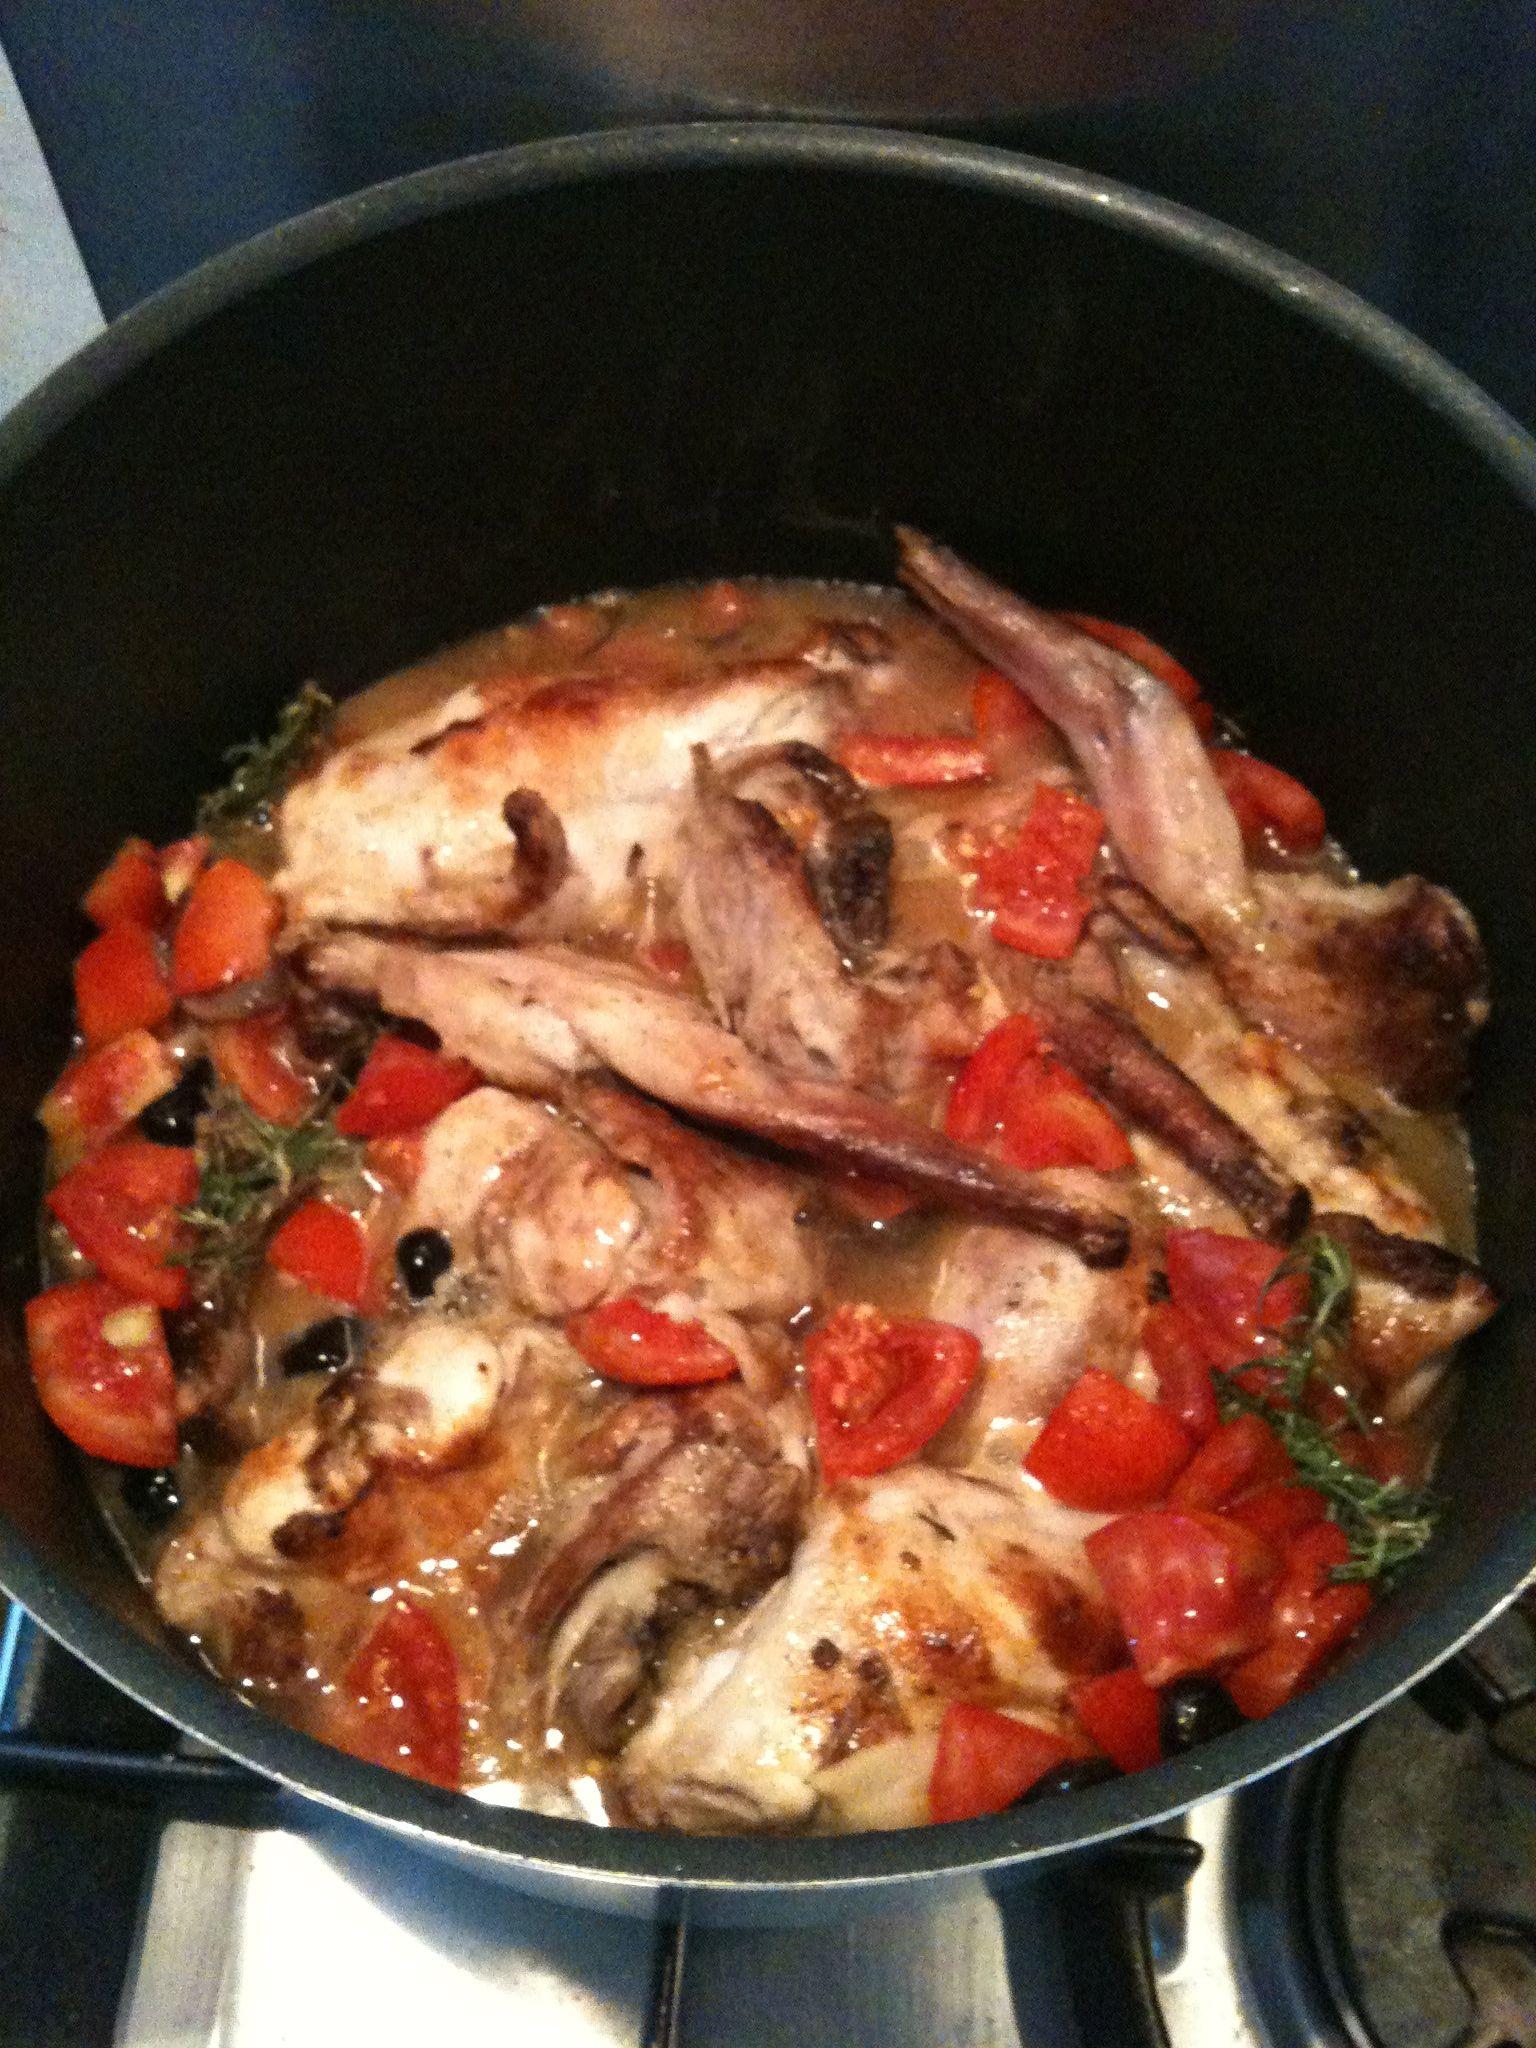 Lapin aux anchois et olives selon la recette de Jamie Oliver, je suis un grand fan de ce plat !